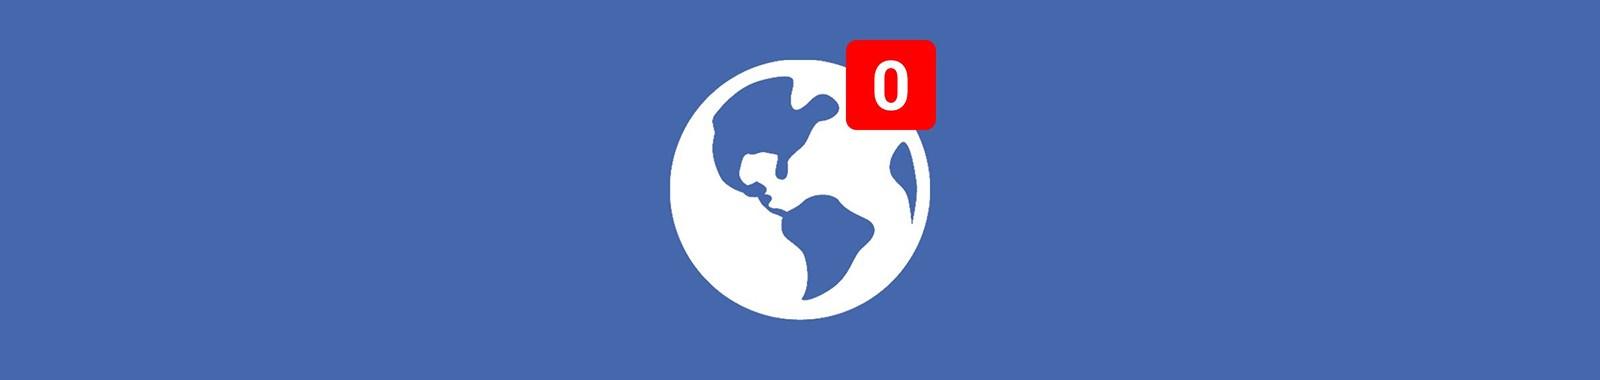 facebook-disaster-eye